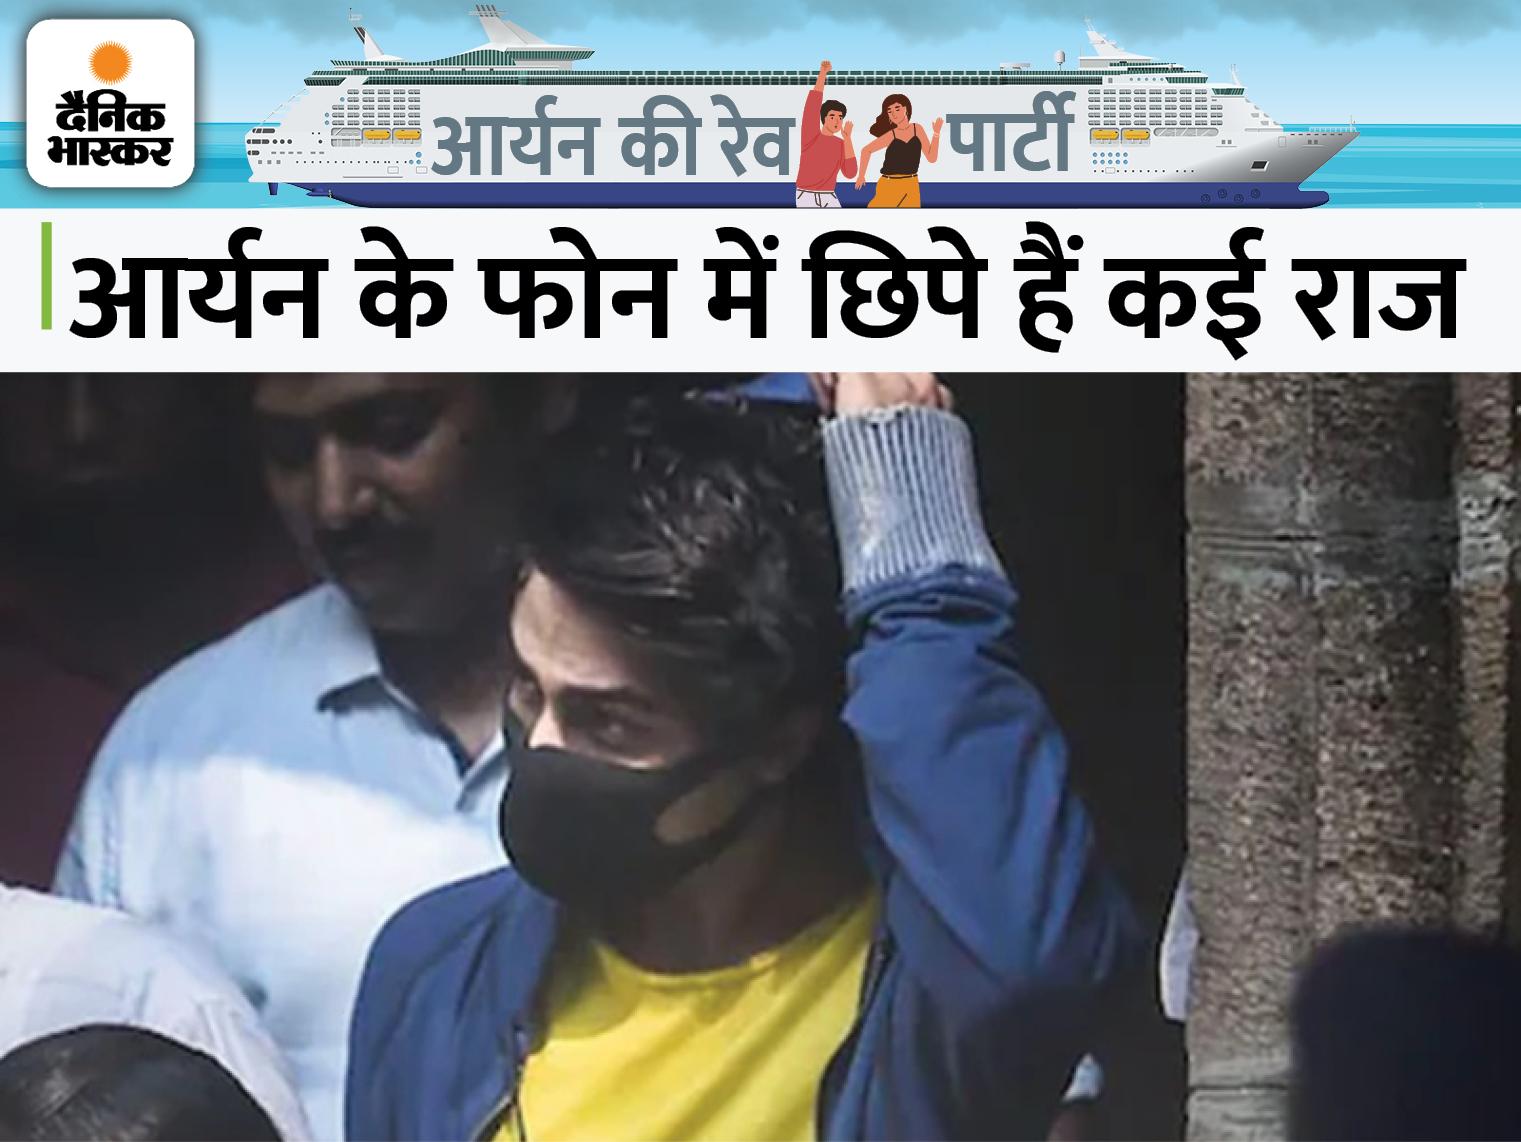 आर्यन खान का फोन फोरेंसिक जांच के लिए भेजा गया, NCB को इसमें कई सुराग मिले; वर्सोवा से एक और ड्रग पैडलर गिरफ्तार|महाराष्ट्र,Maharashtra - Dainik Bhaskar